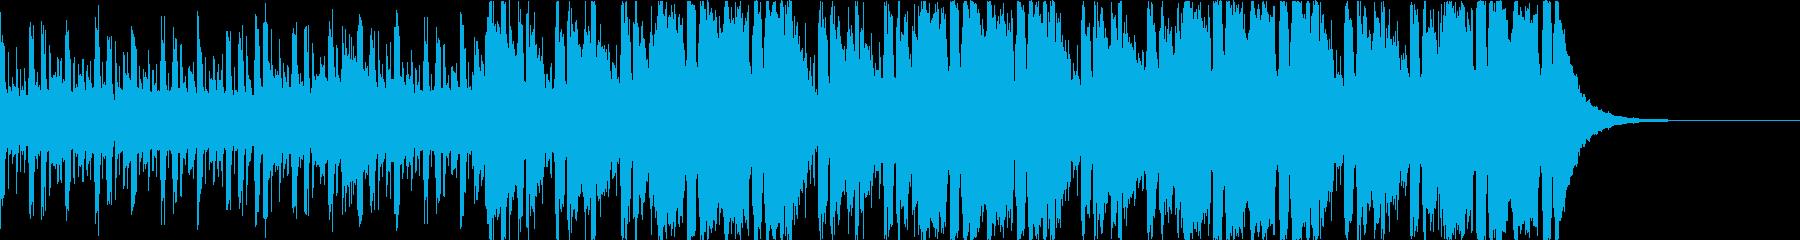 Pf「話題」和風現代ジャズの再生済みの波形